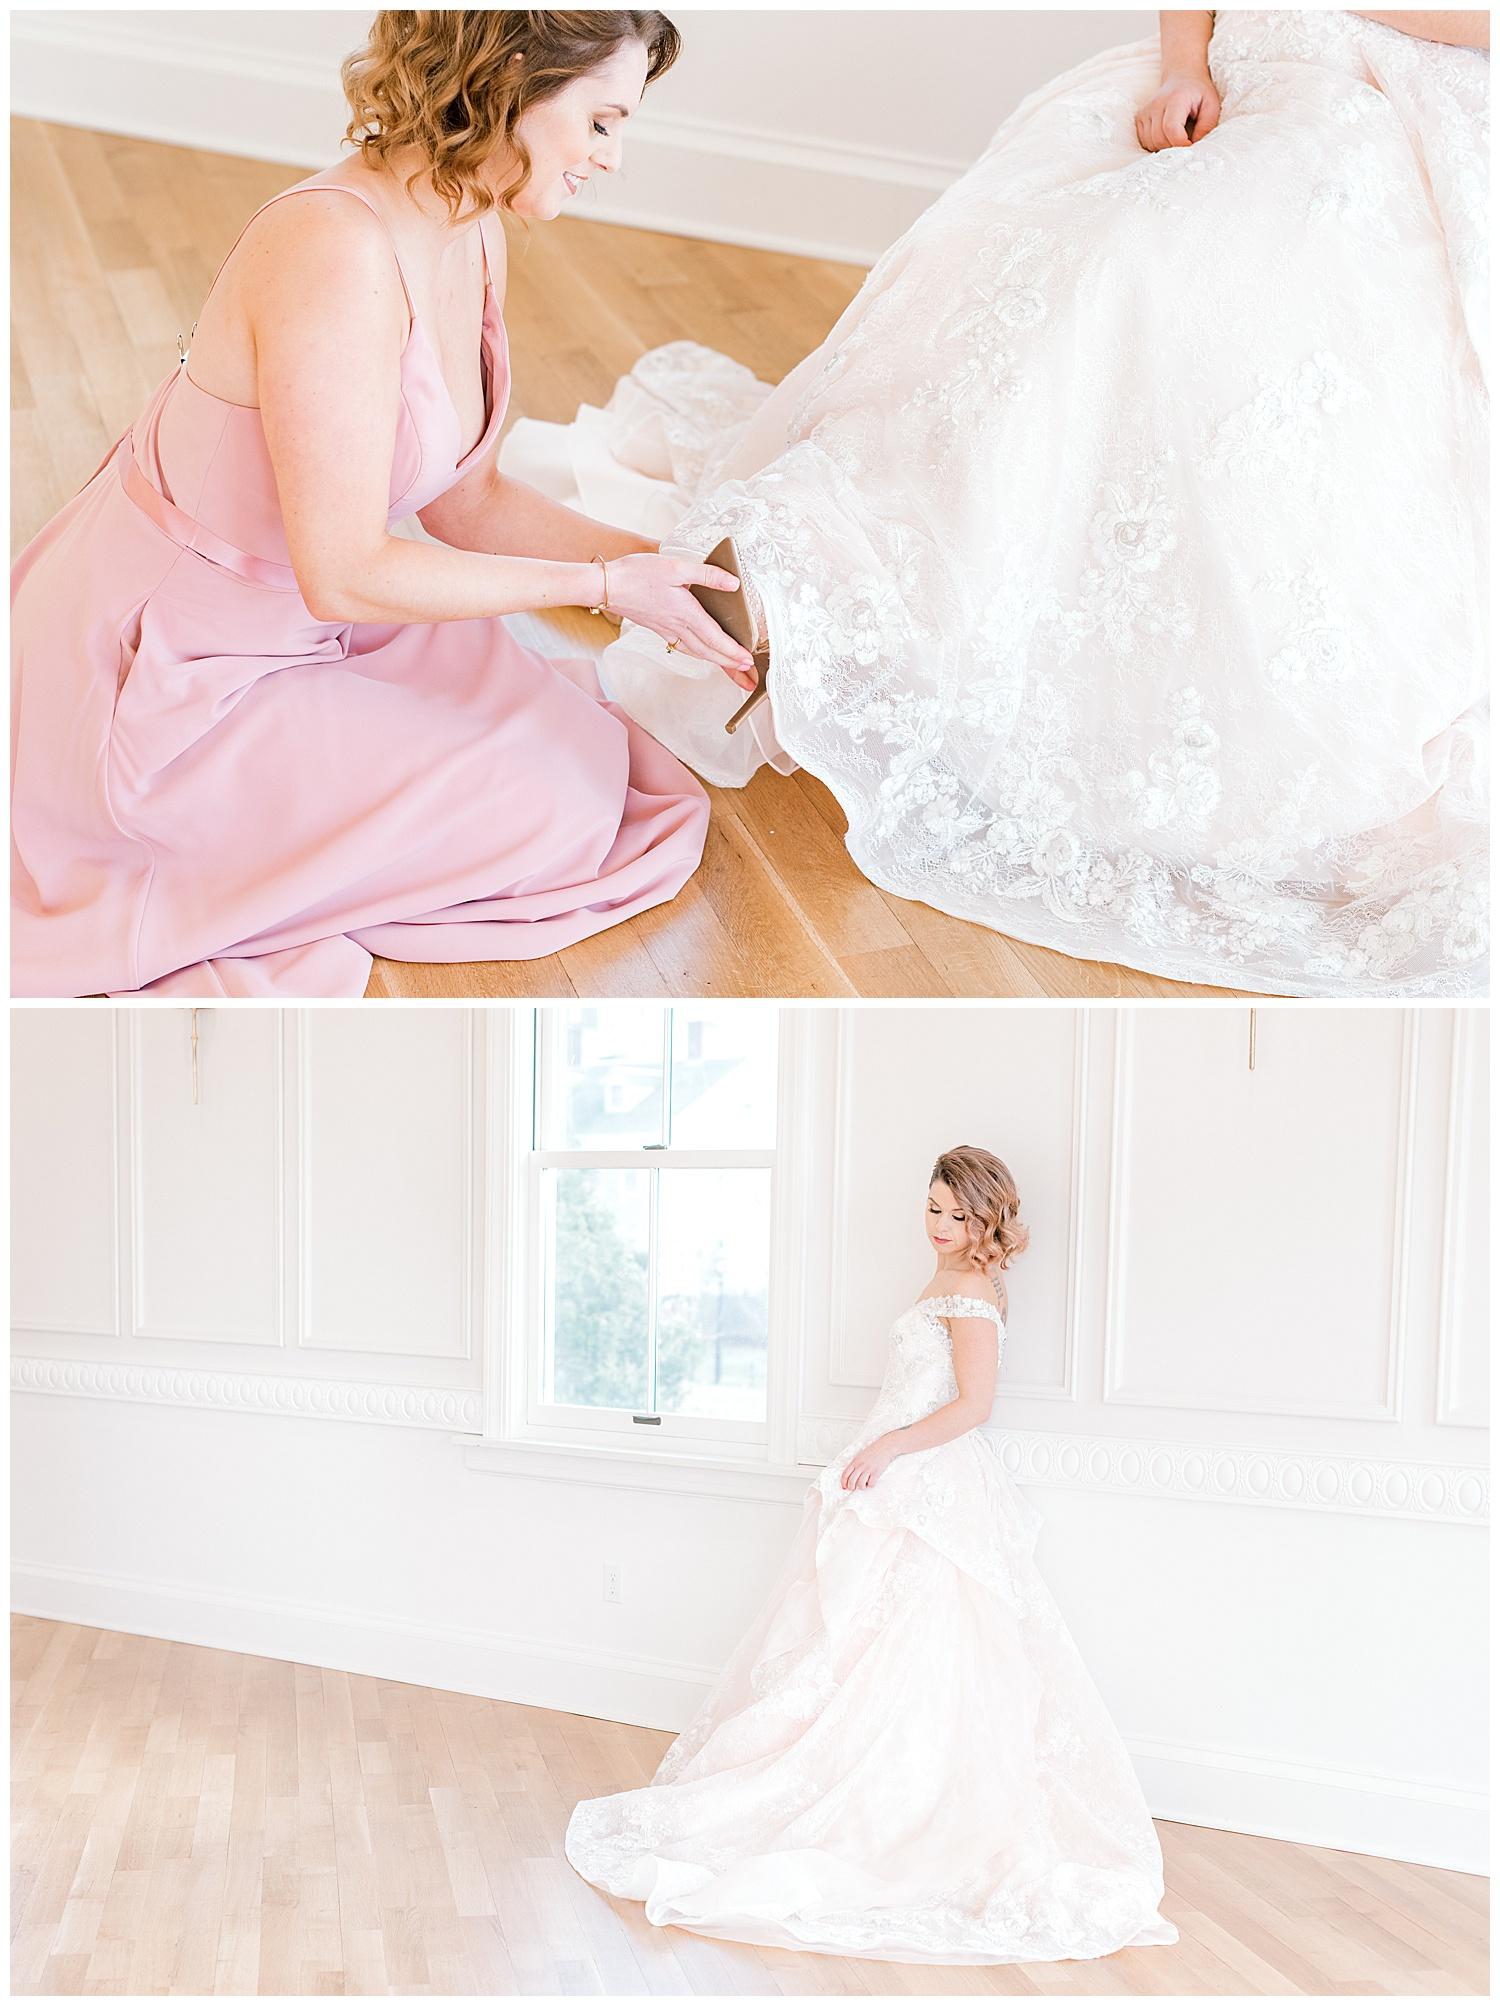 valentines-day-galentines-newport-wedding-photography-queen-annes-loft.-24.jpg